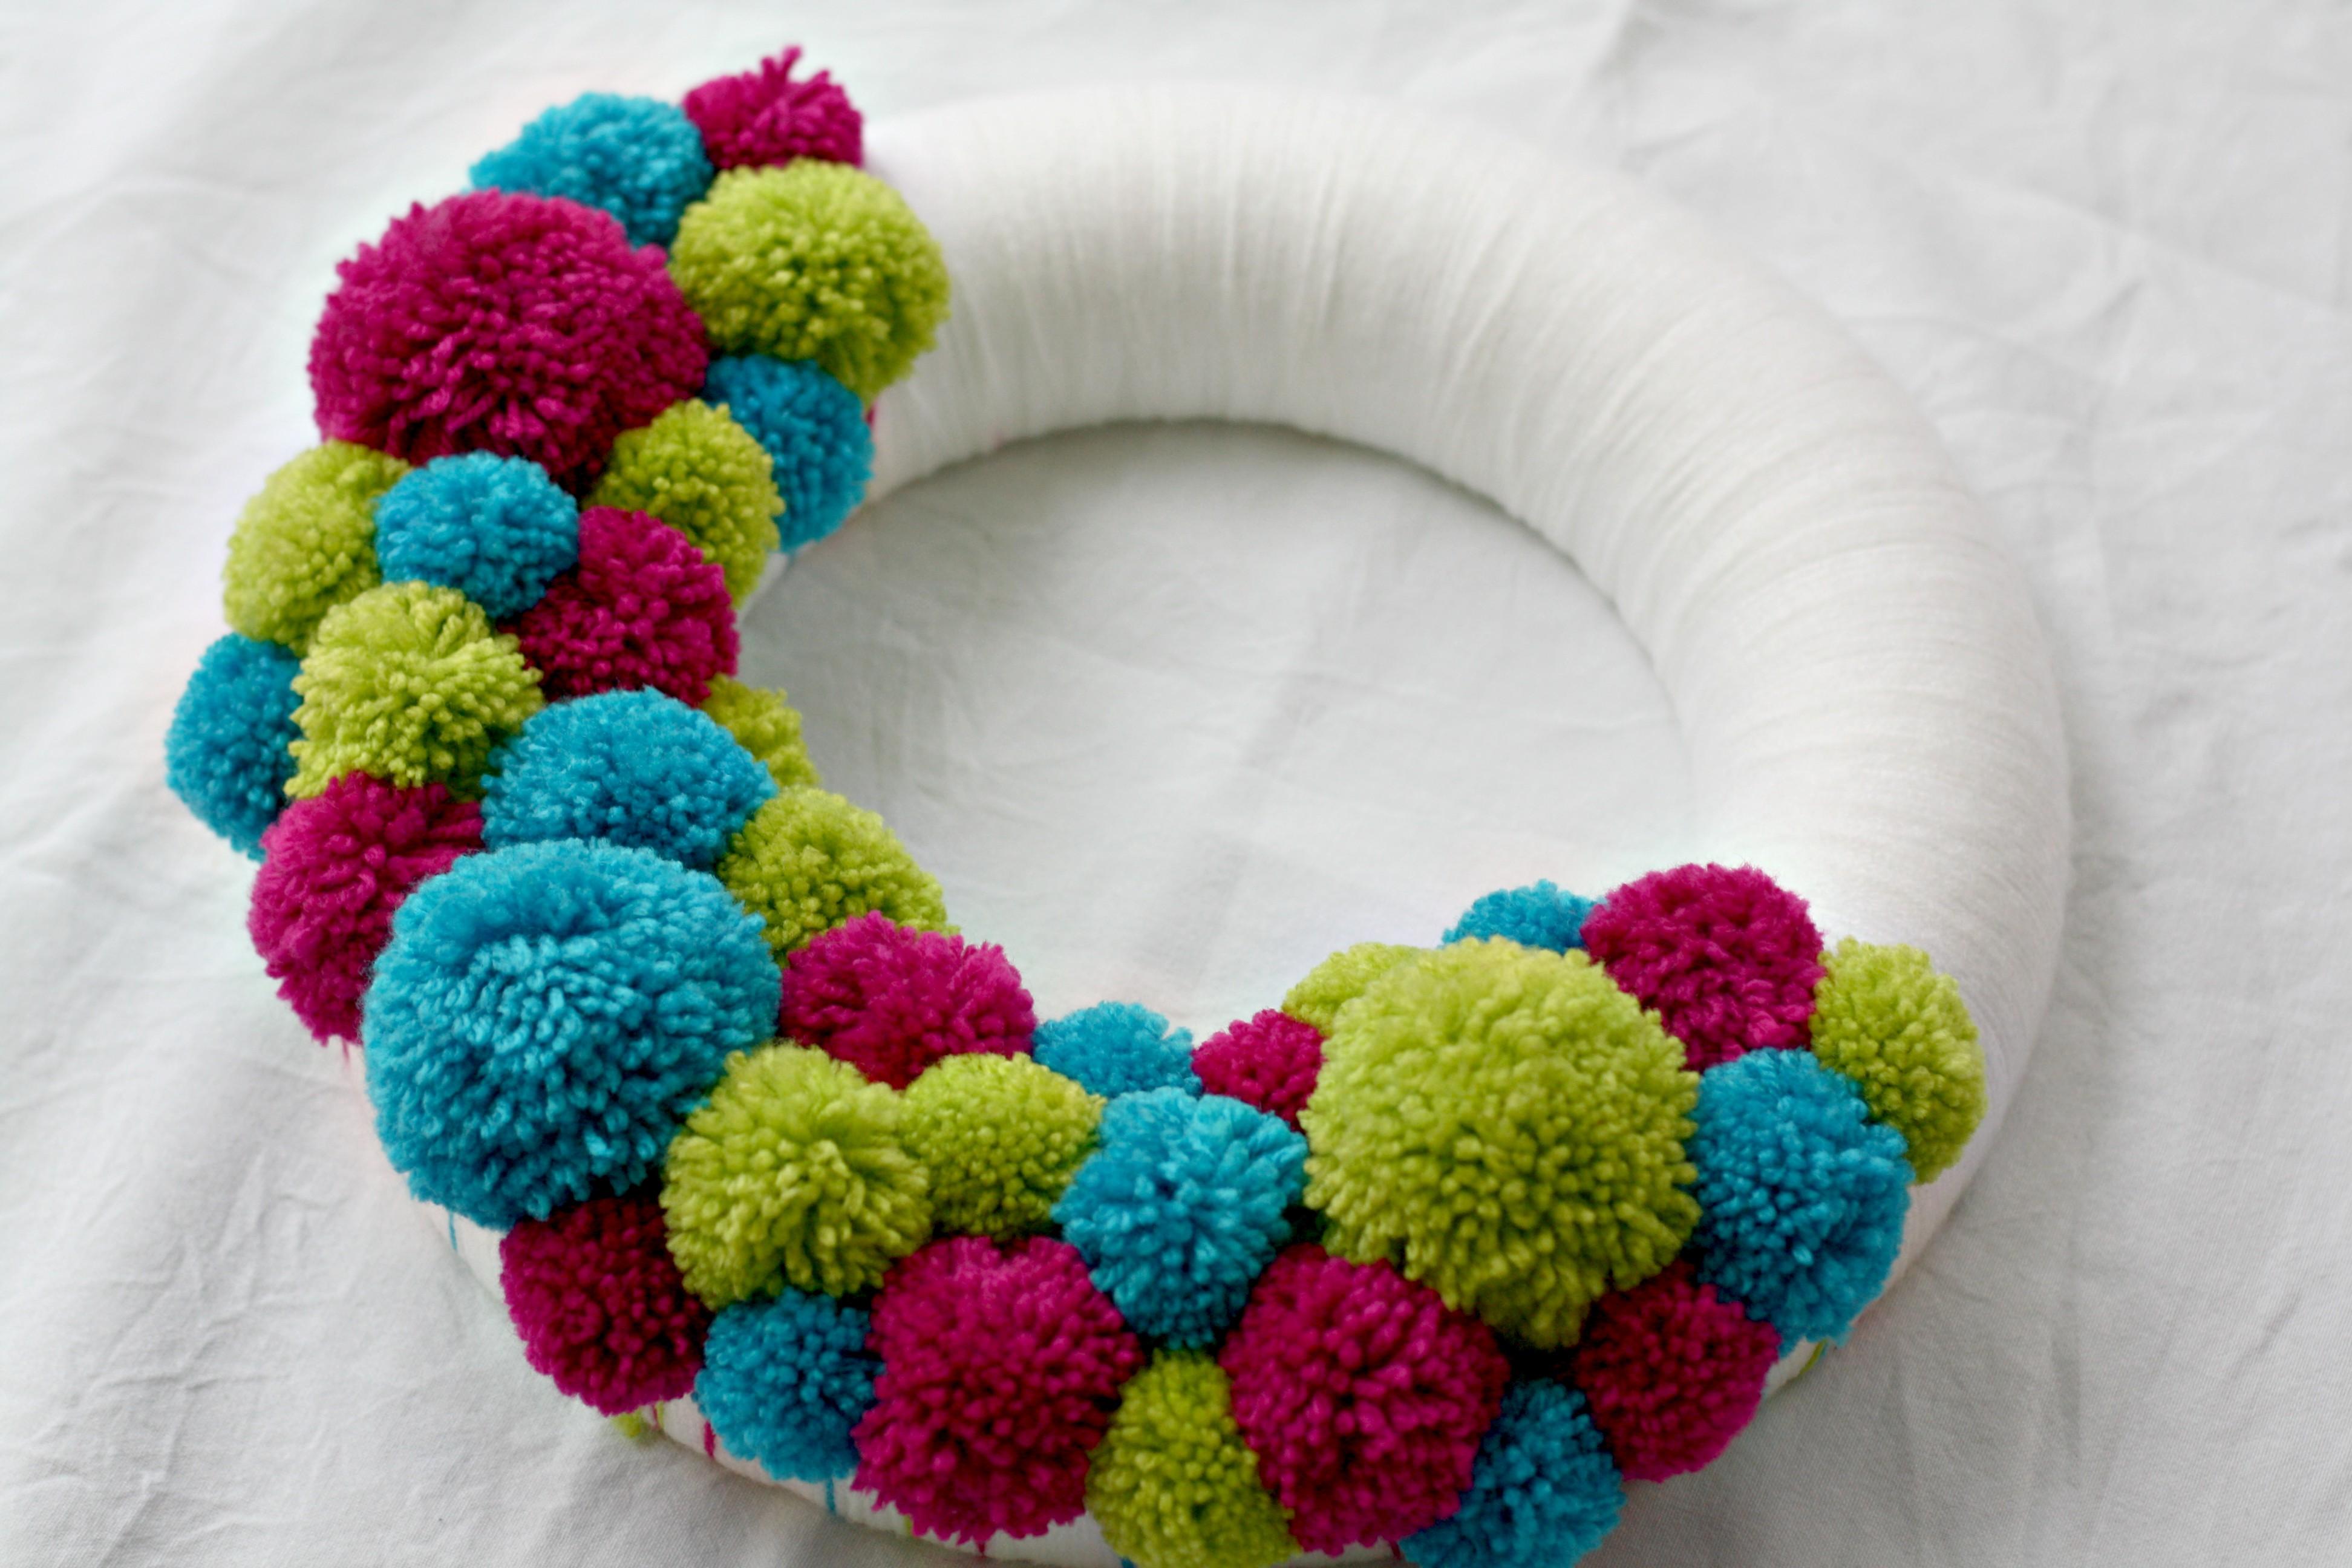 Christmas Wreath Ideas Colourful Pom Pom Wreath